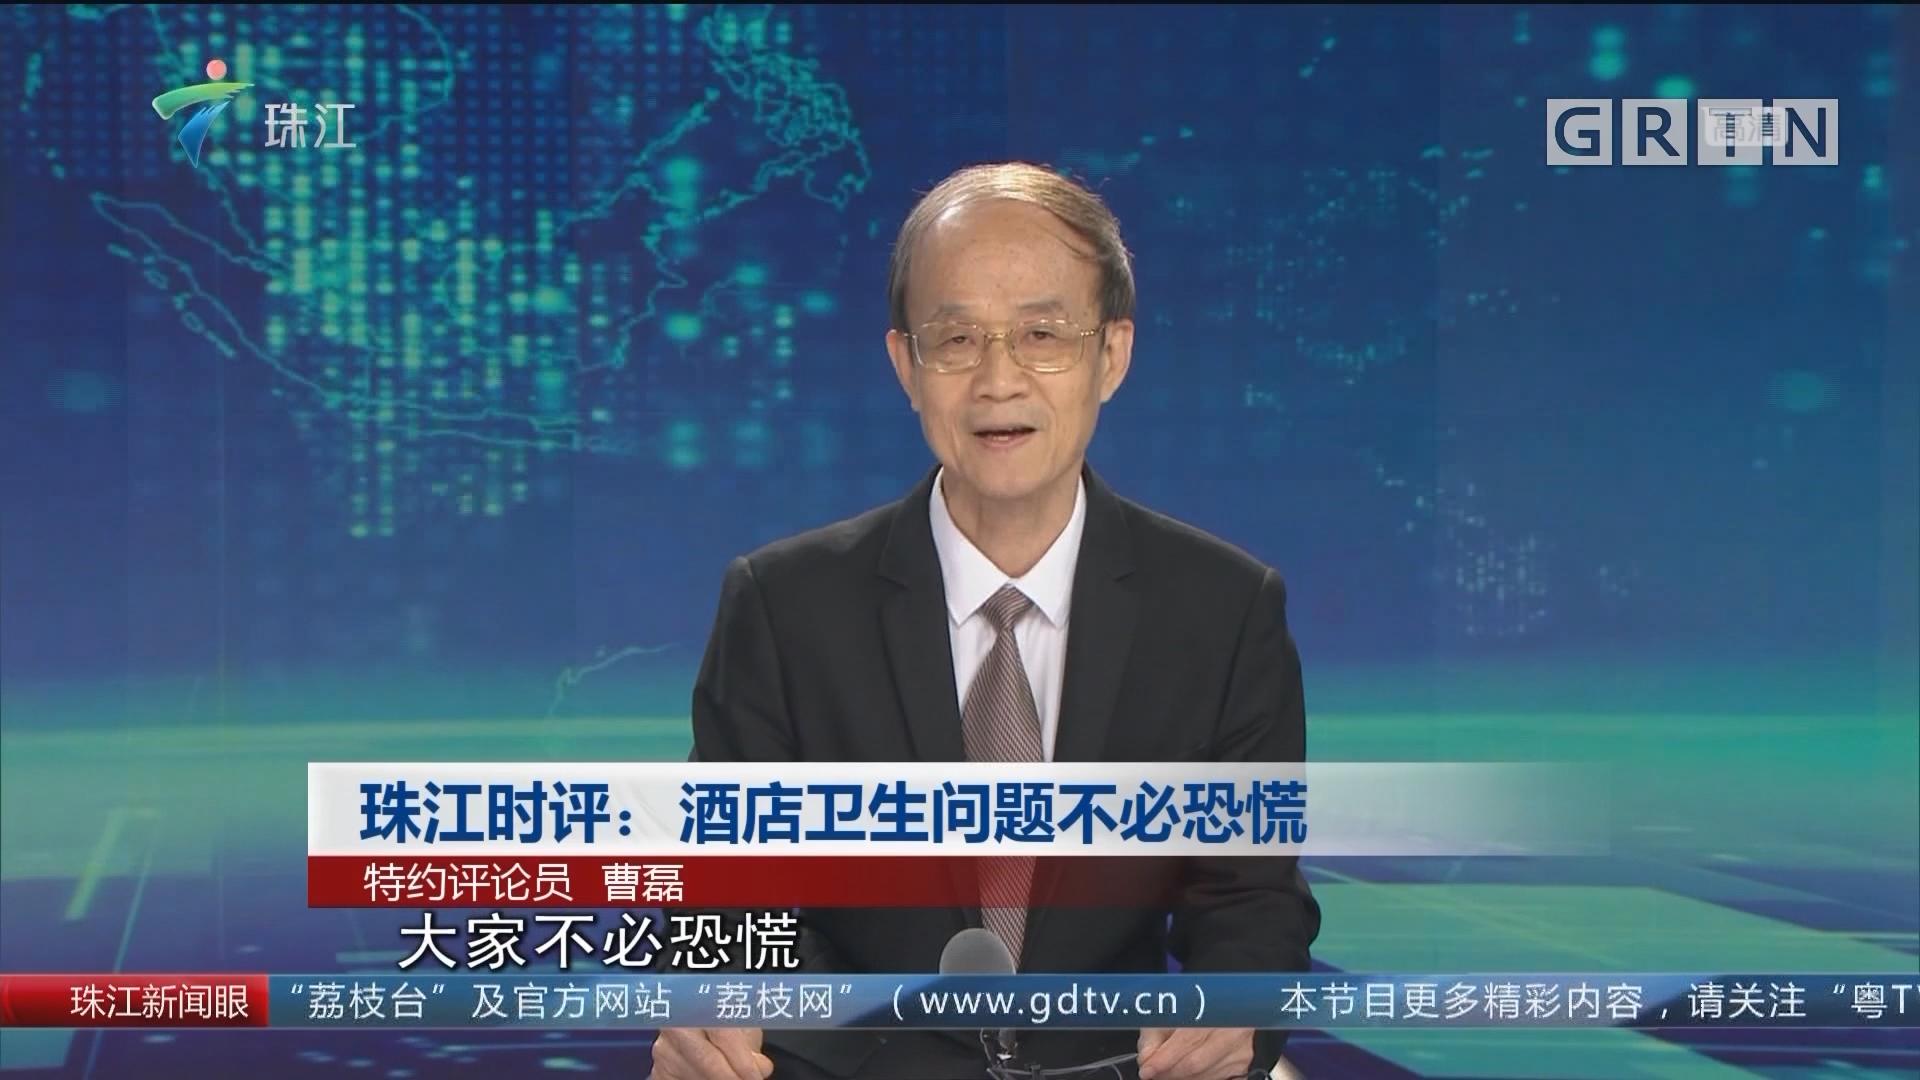 珠江时评:酒店卫生问题不必恐慌